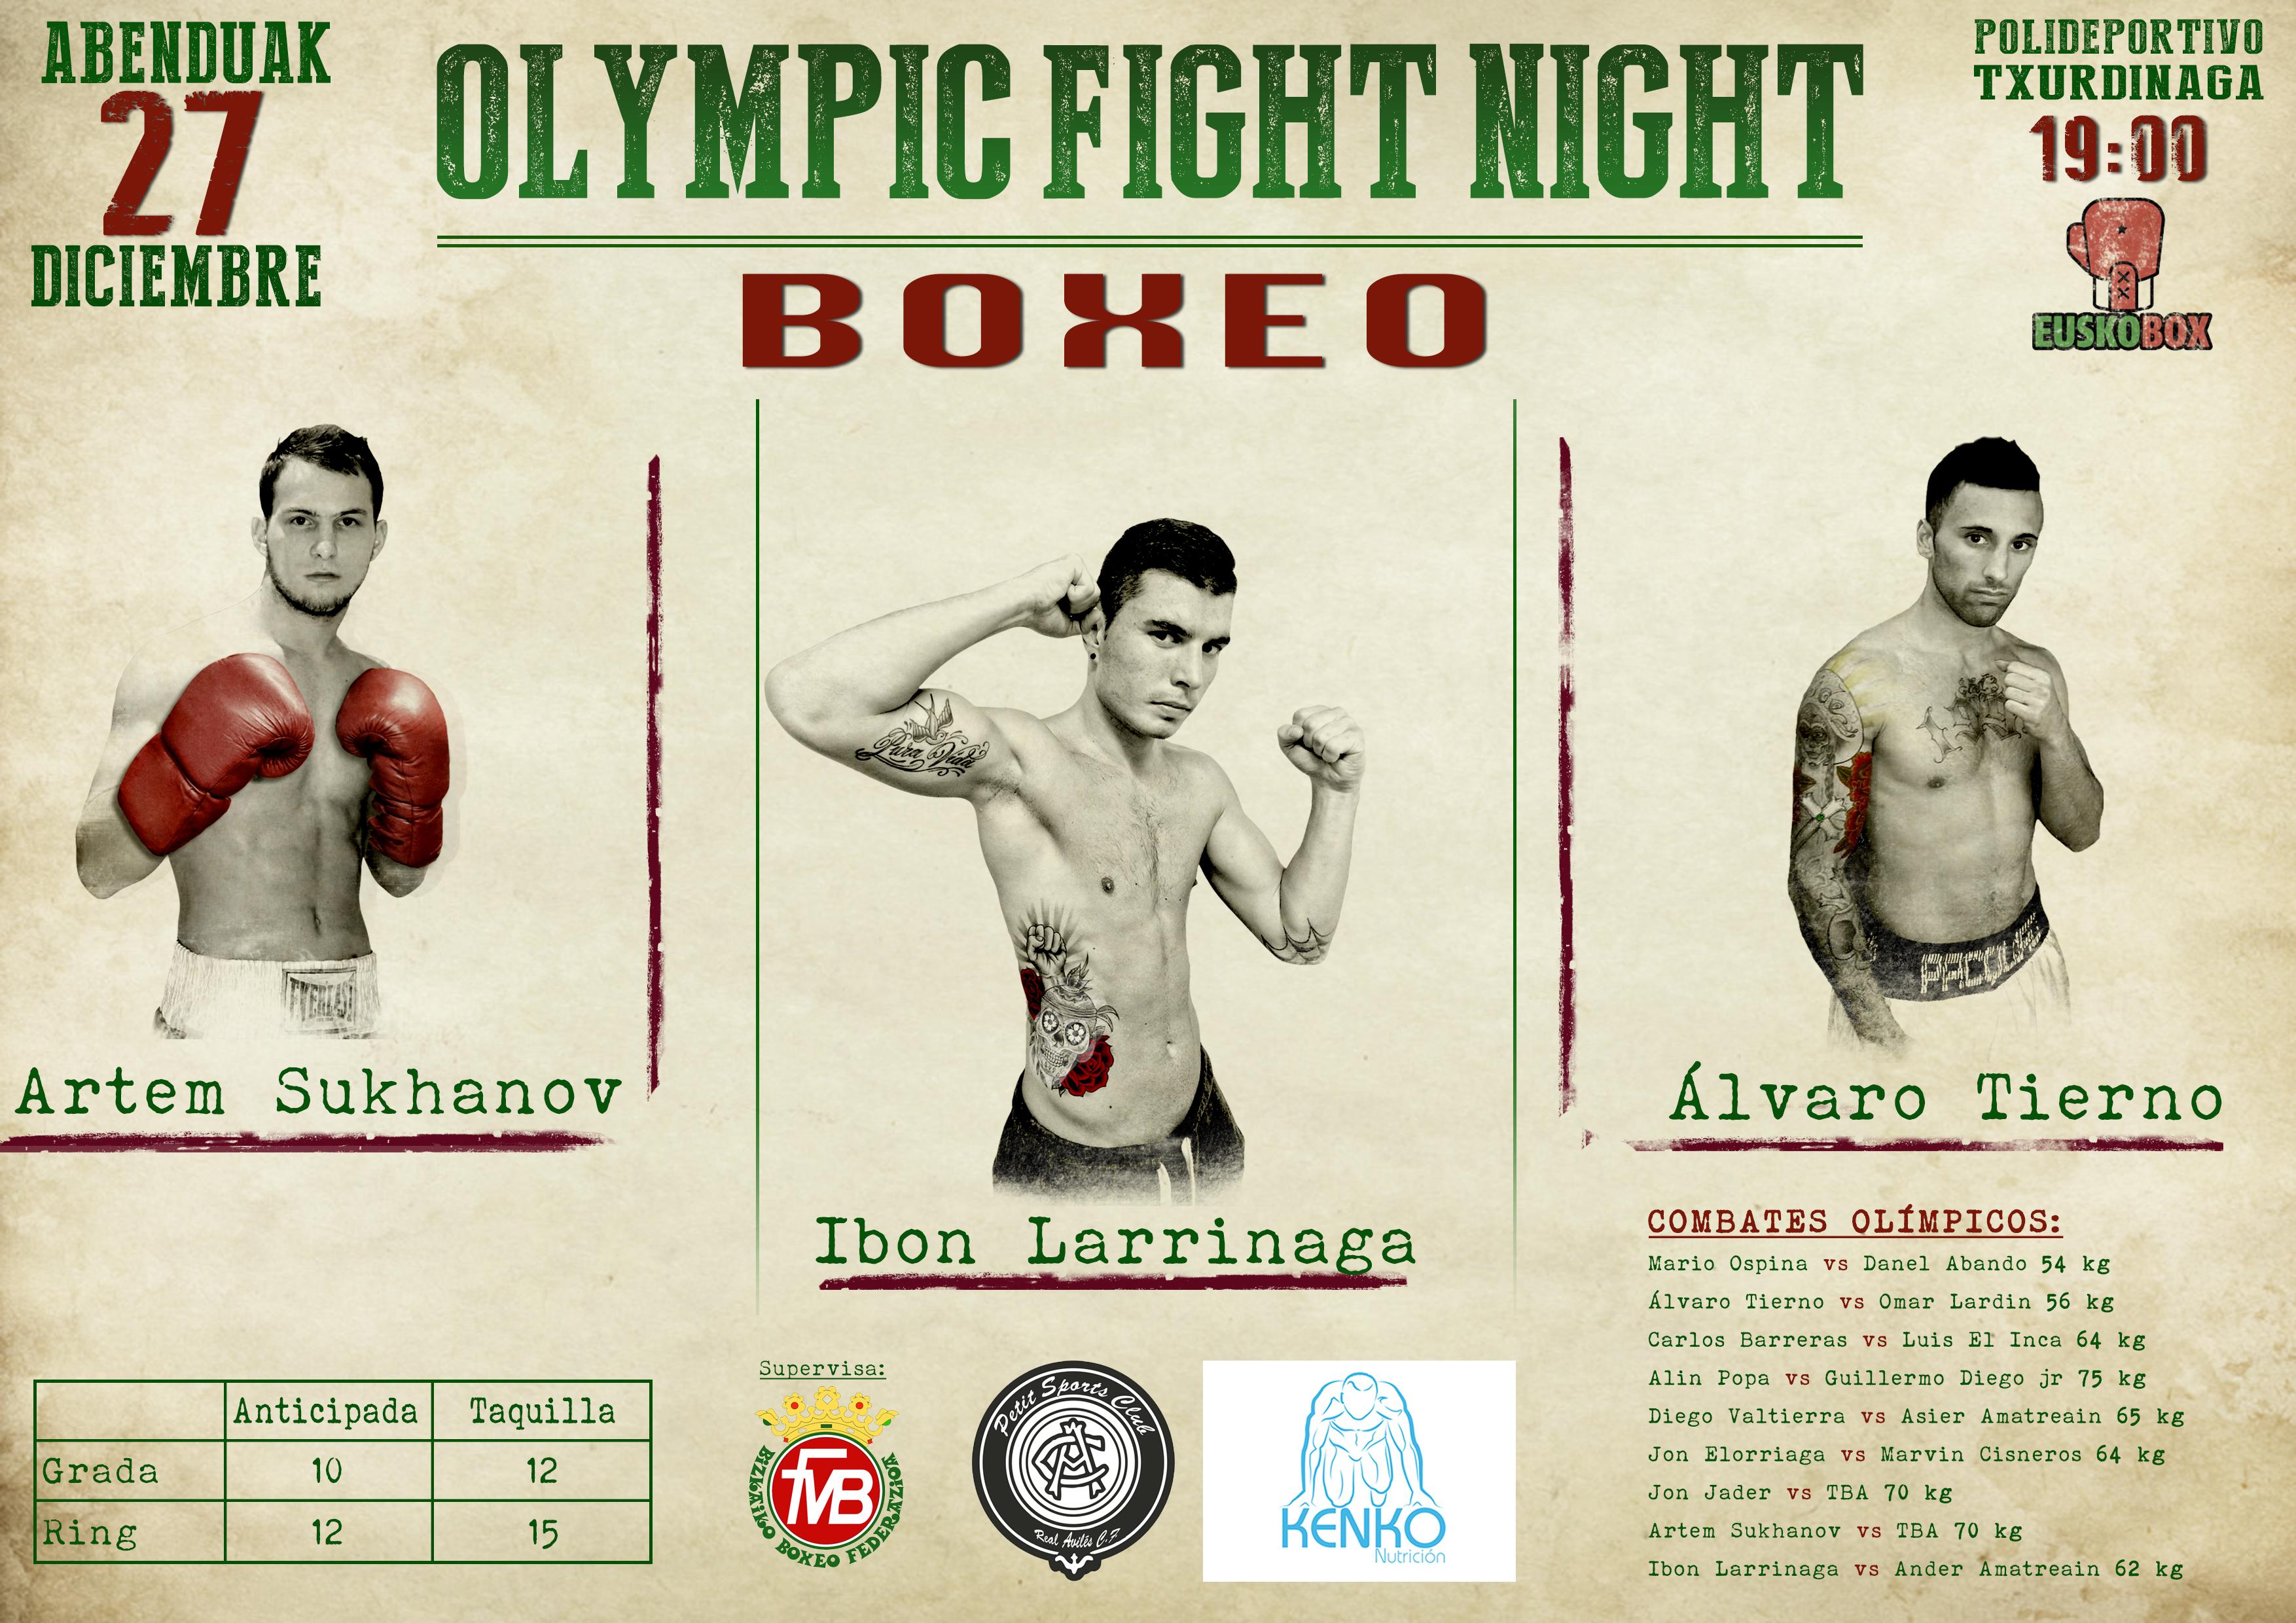 Cartel de la velada de boxeo olímpico del 27 de diciembre en el polideportivo de Txurdinaga (Bilbao)